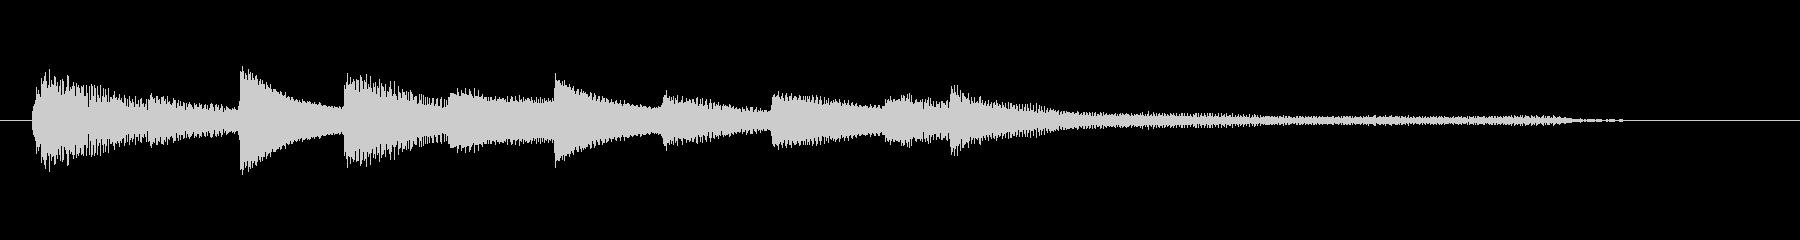 チャプター・場面転換等にピアノジングルGの未再生の波形